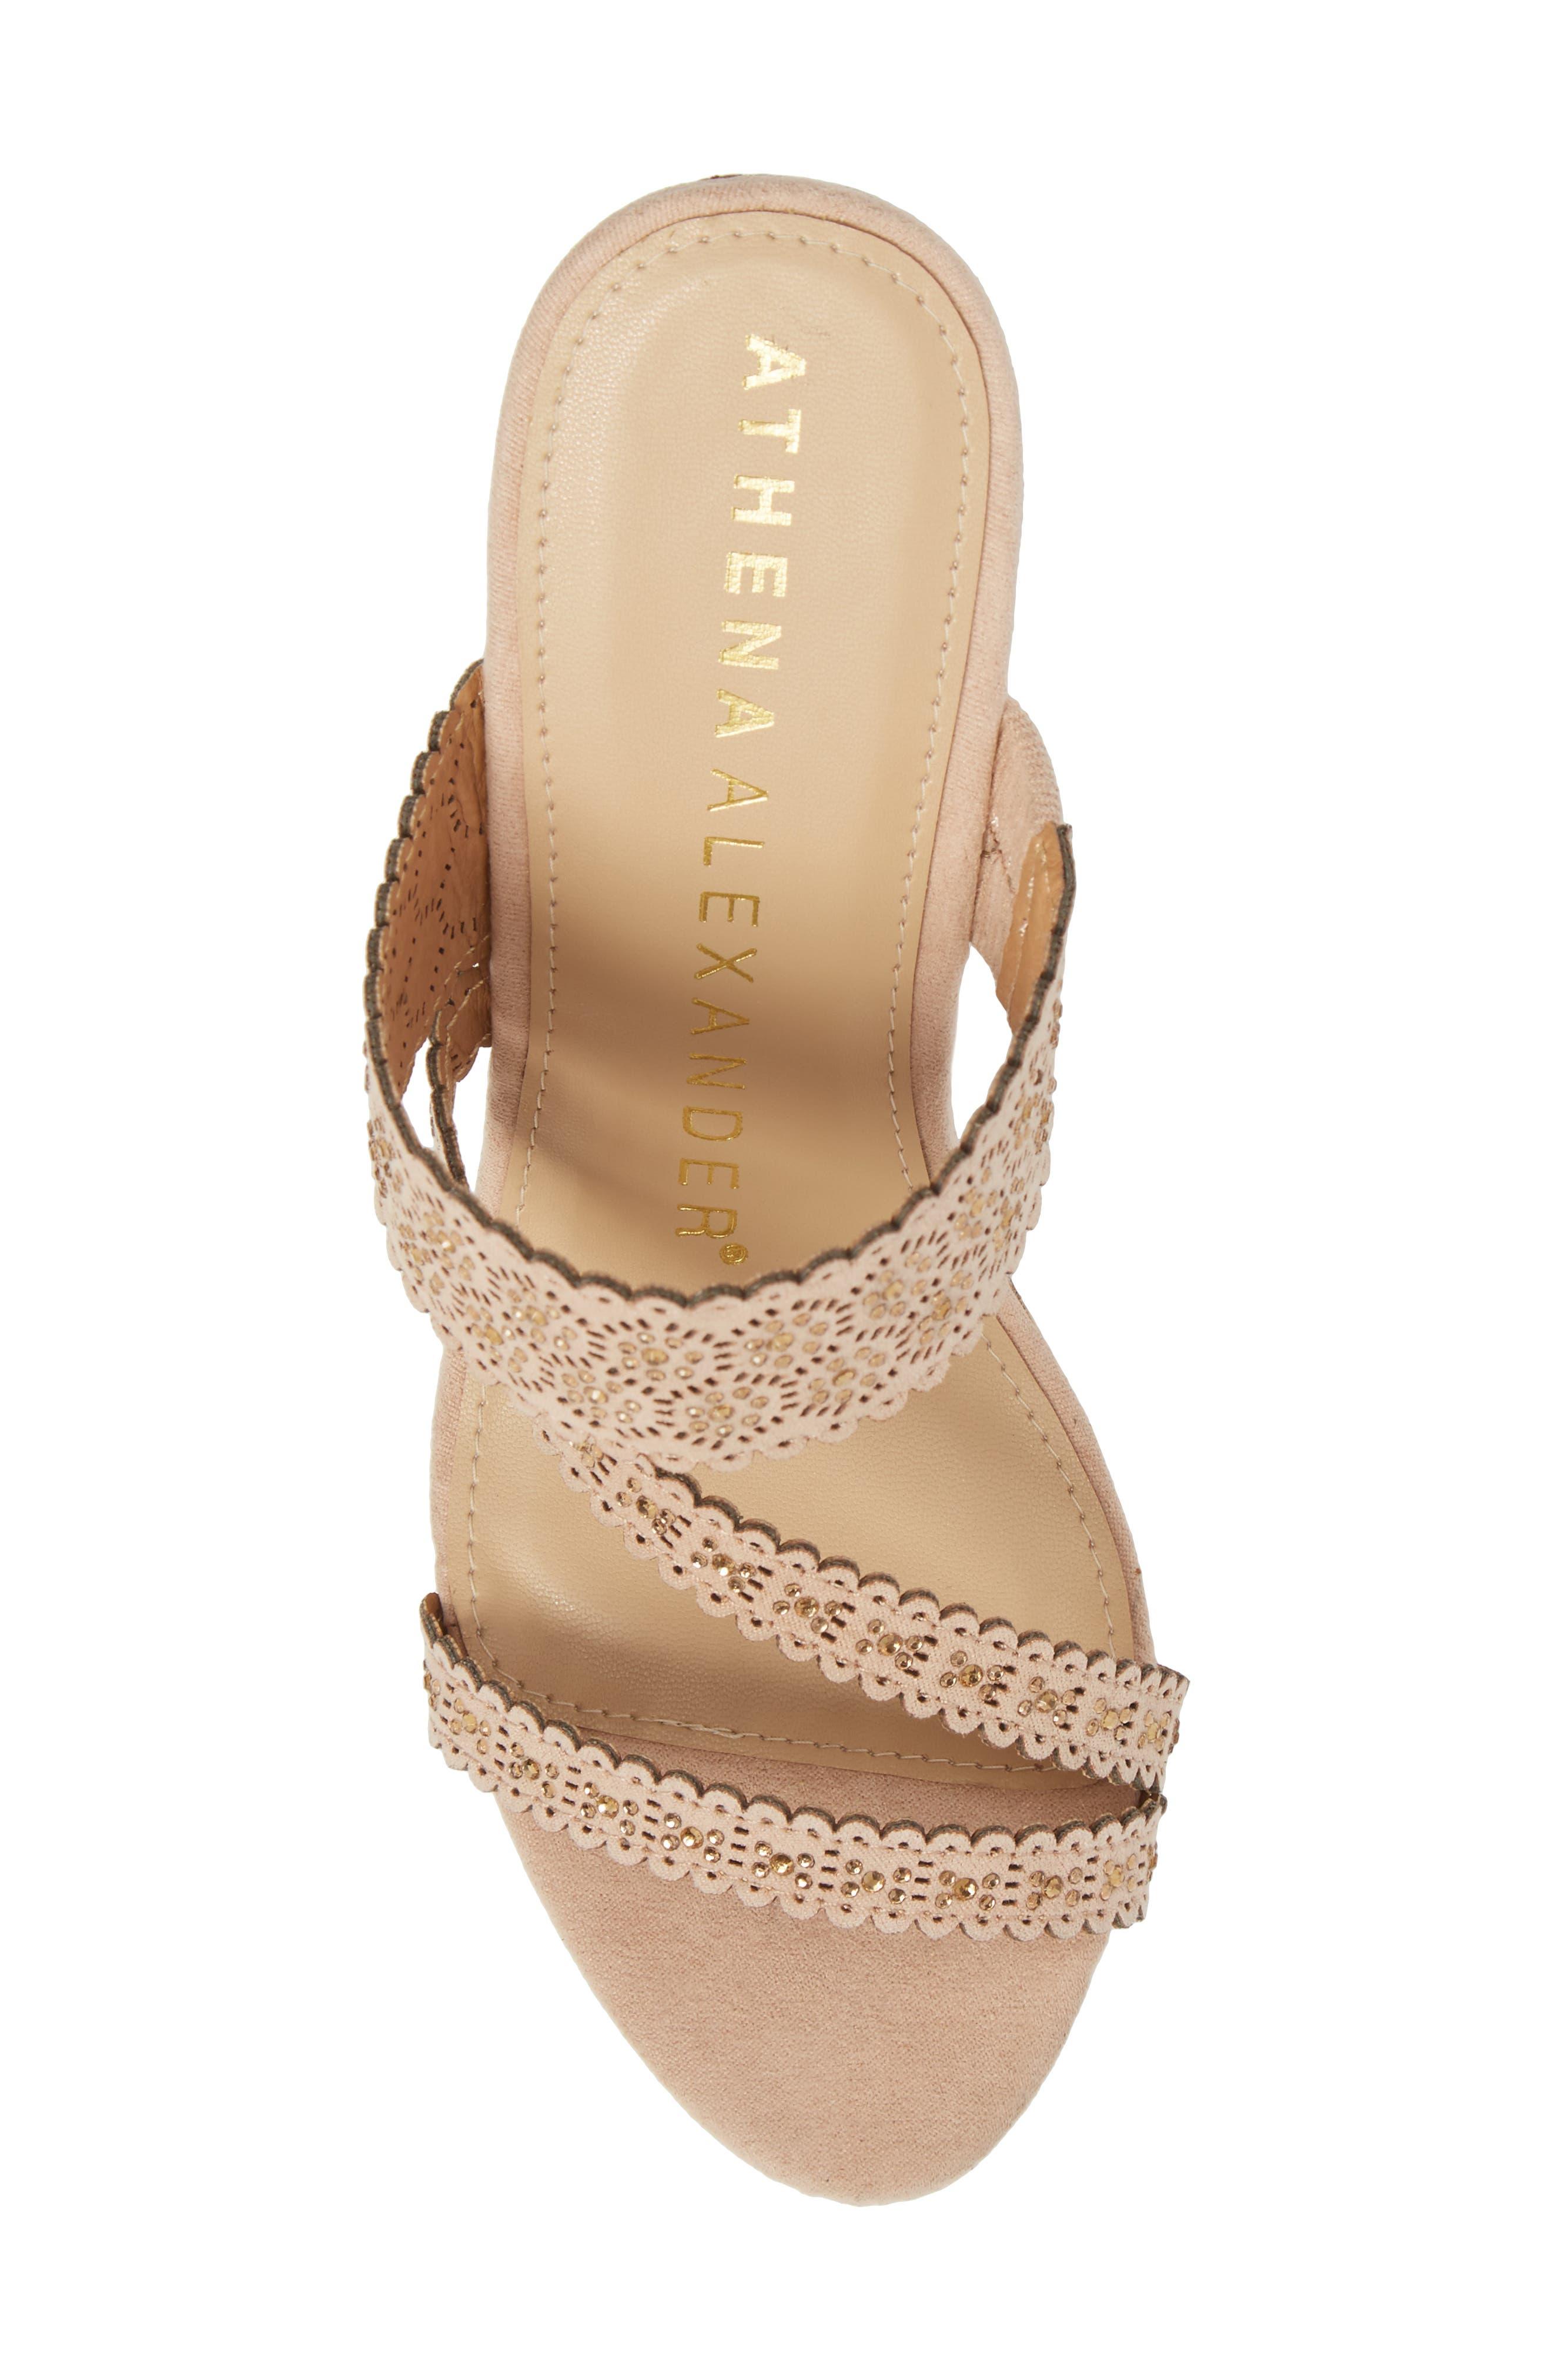 Aerin Embellished Wedge Sandal,                             Alternate thumbnail 5, color,                             BLUSH SUEDE